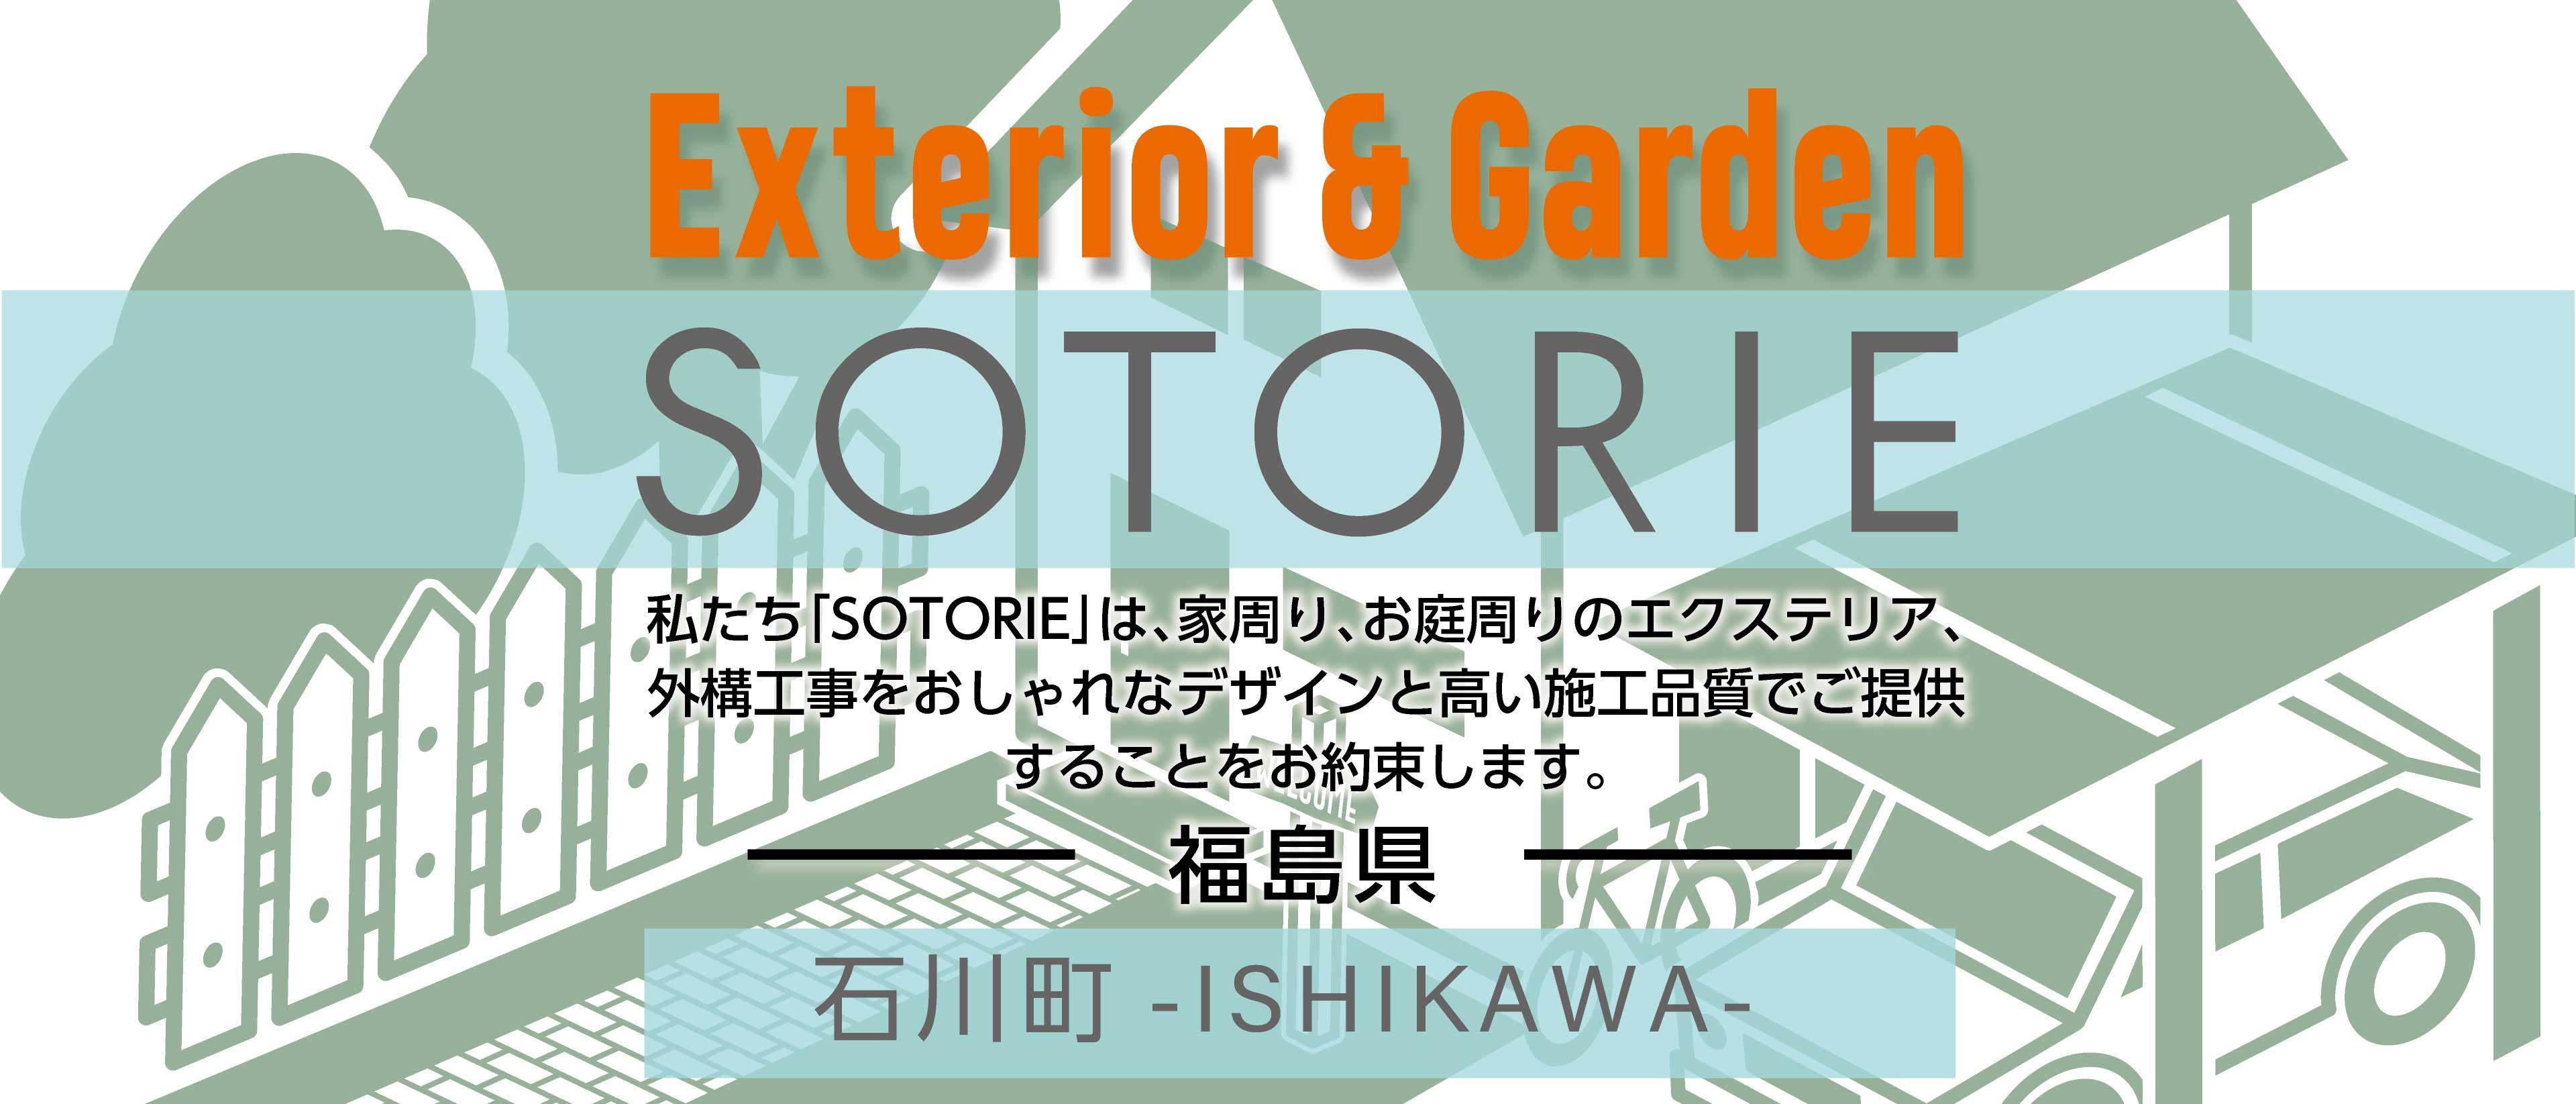 ソトリエ石川町では、家周りと庭周りの外構、エクステリア工事をおしゃれなデザインと高い施工品質でご提供することをお約束します。